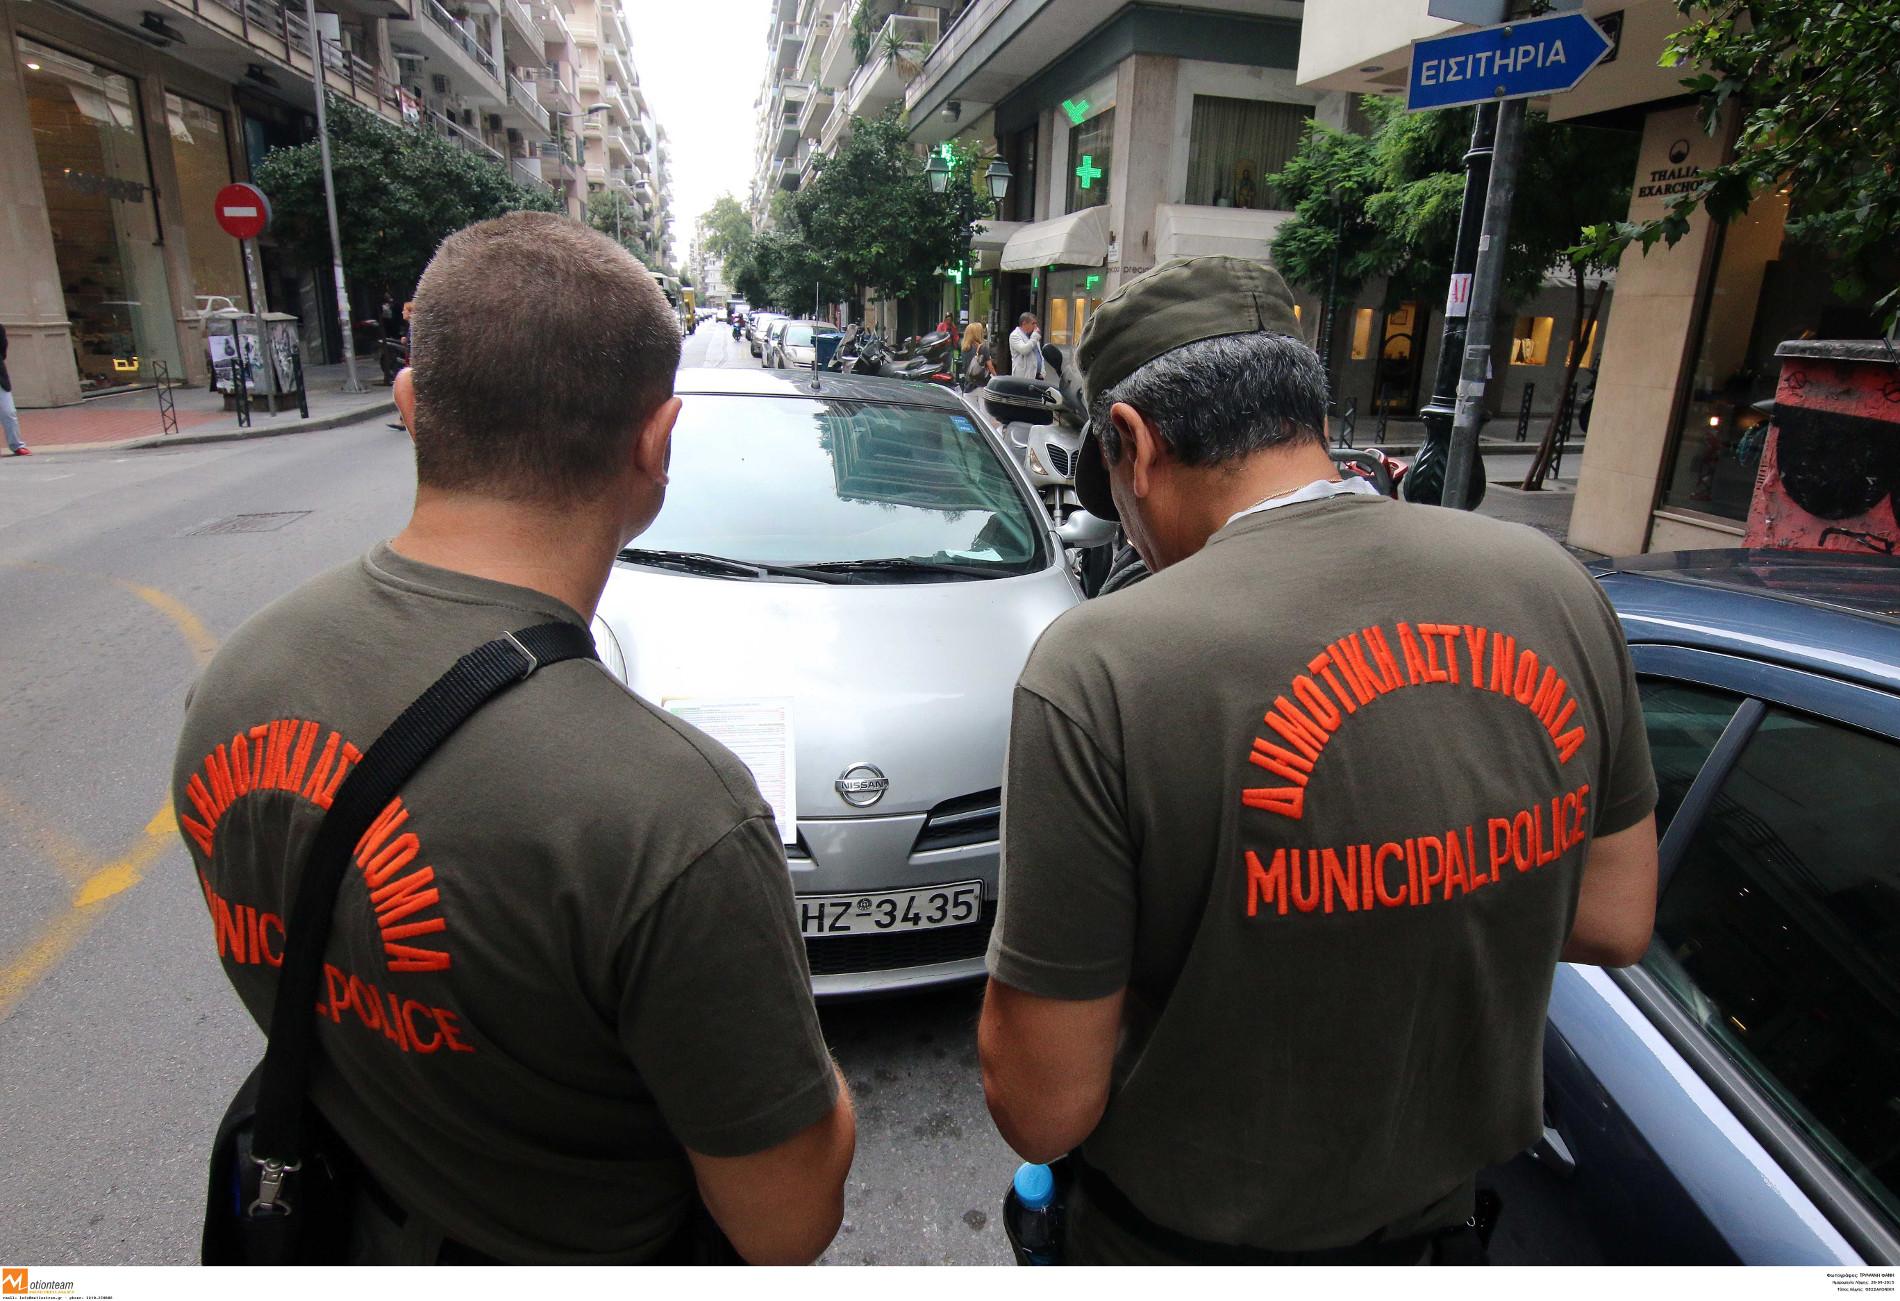 Θεσσαλονίκη: Εννέα κρούσματα κορονοϊού στη Δημοτική Αστυνομία